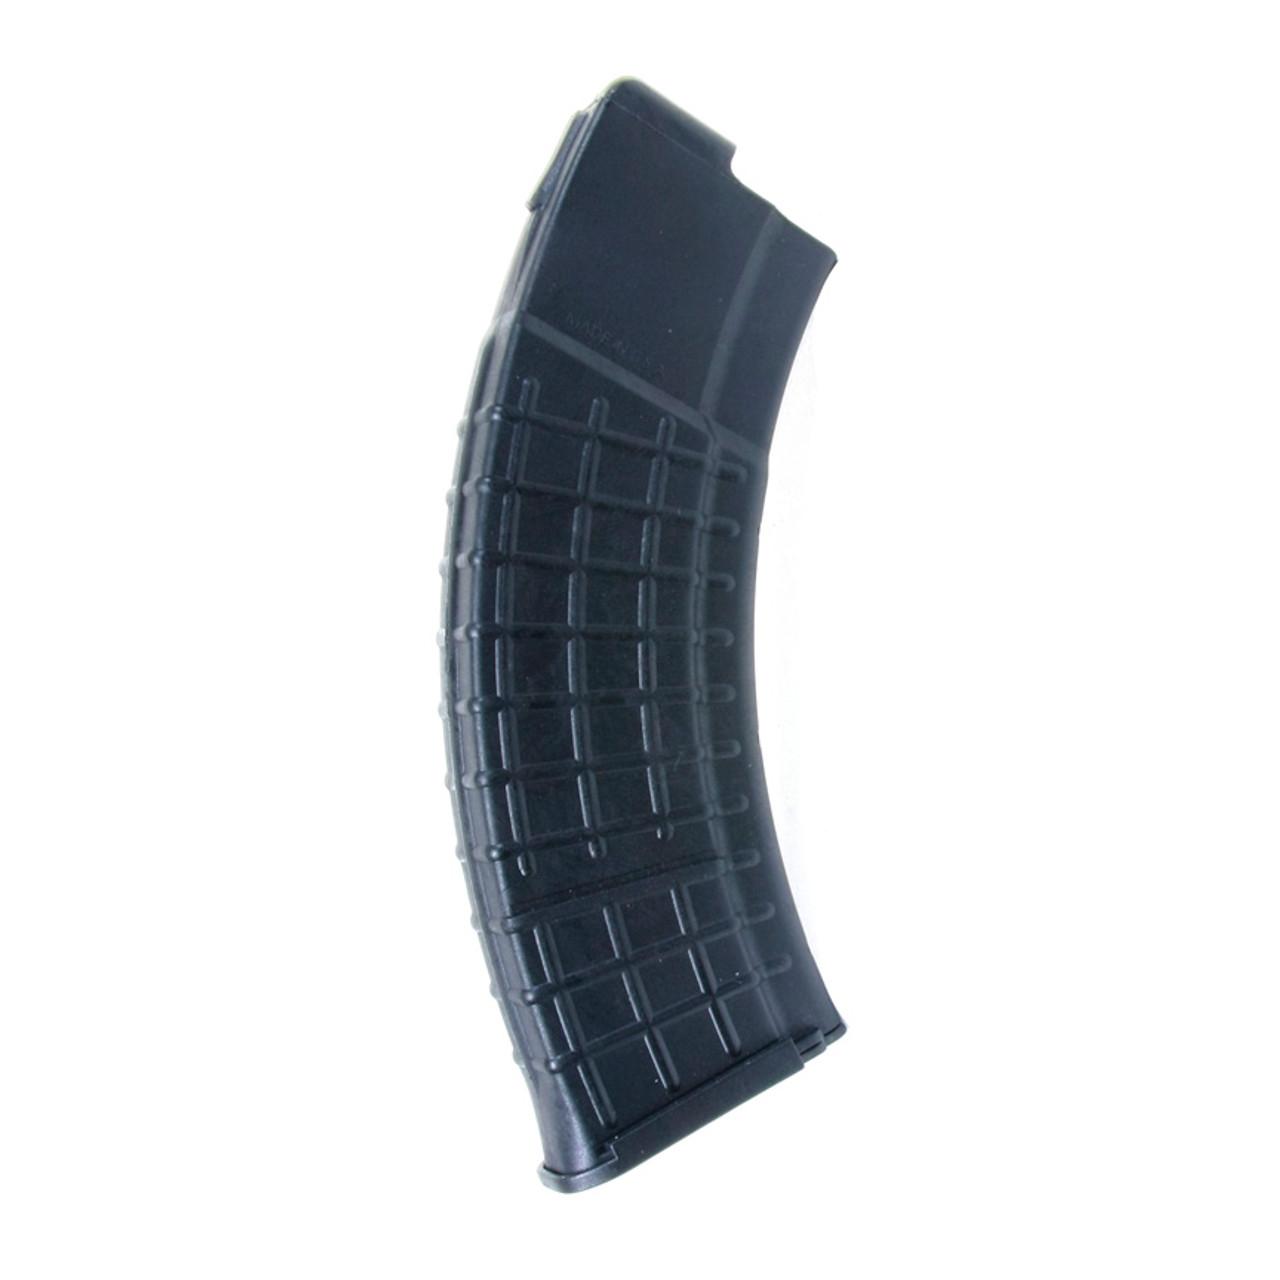 Ruger® Mini Thirty® 7.62x39mm  (30) Rd - Black Polymer